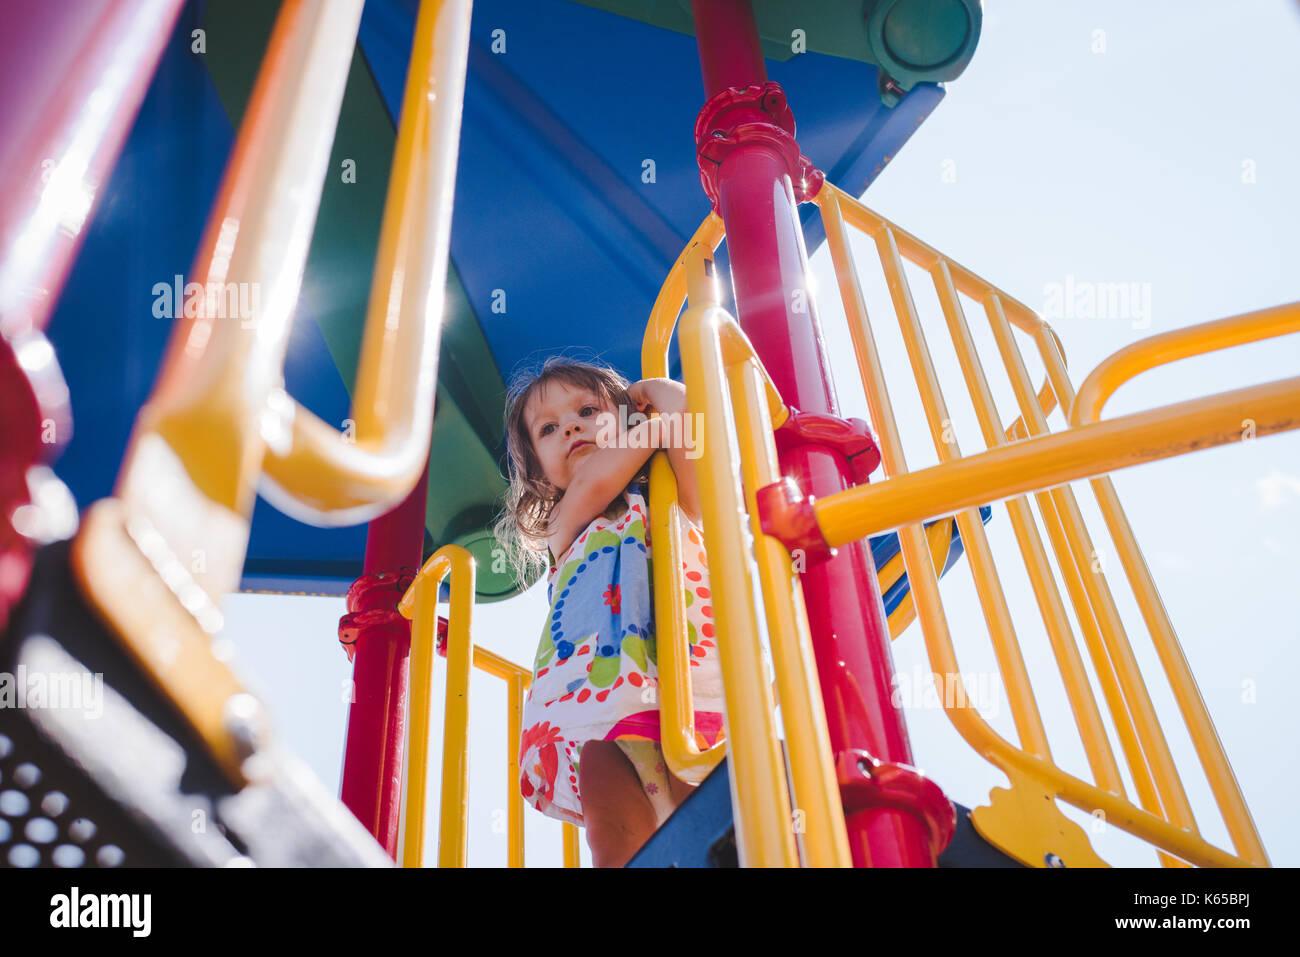 Ein Kleinkind Mädchen spielt auf Spielgeräte an einem sonnigen Tag. Stockbild